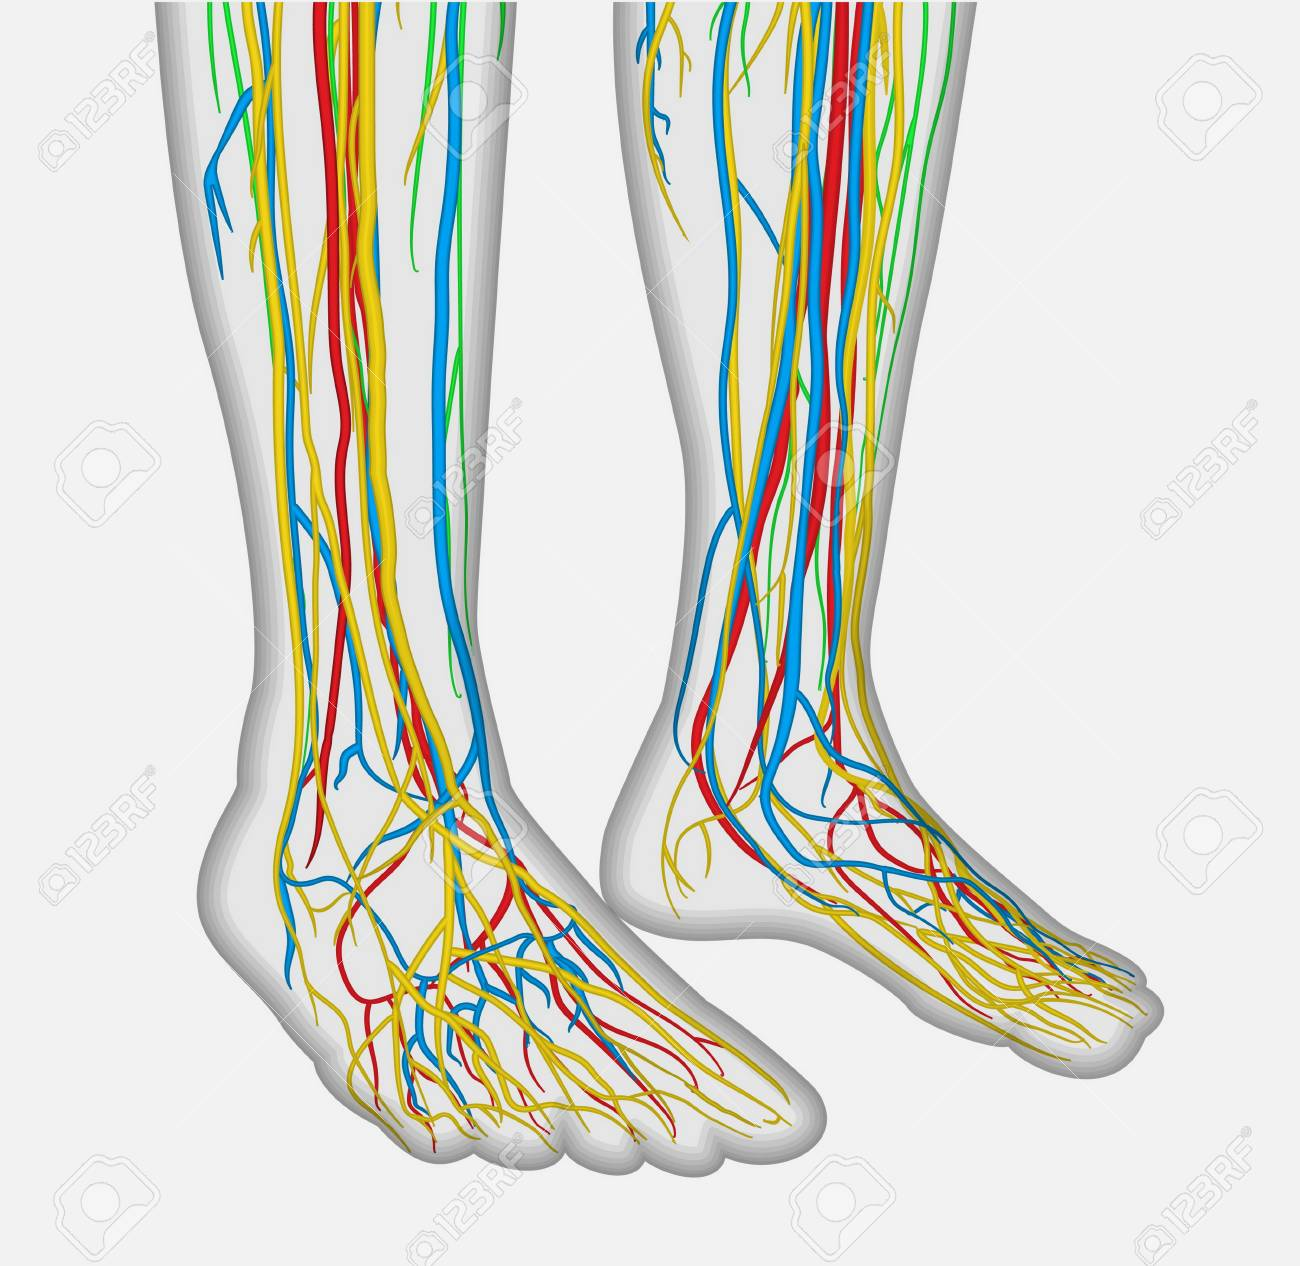 Medizinisch Genaue Anatomie Illustration Der Menschlichen Füße Beine ...